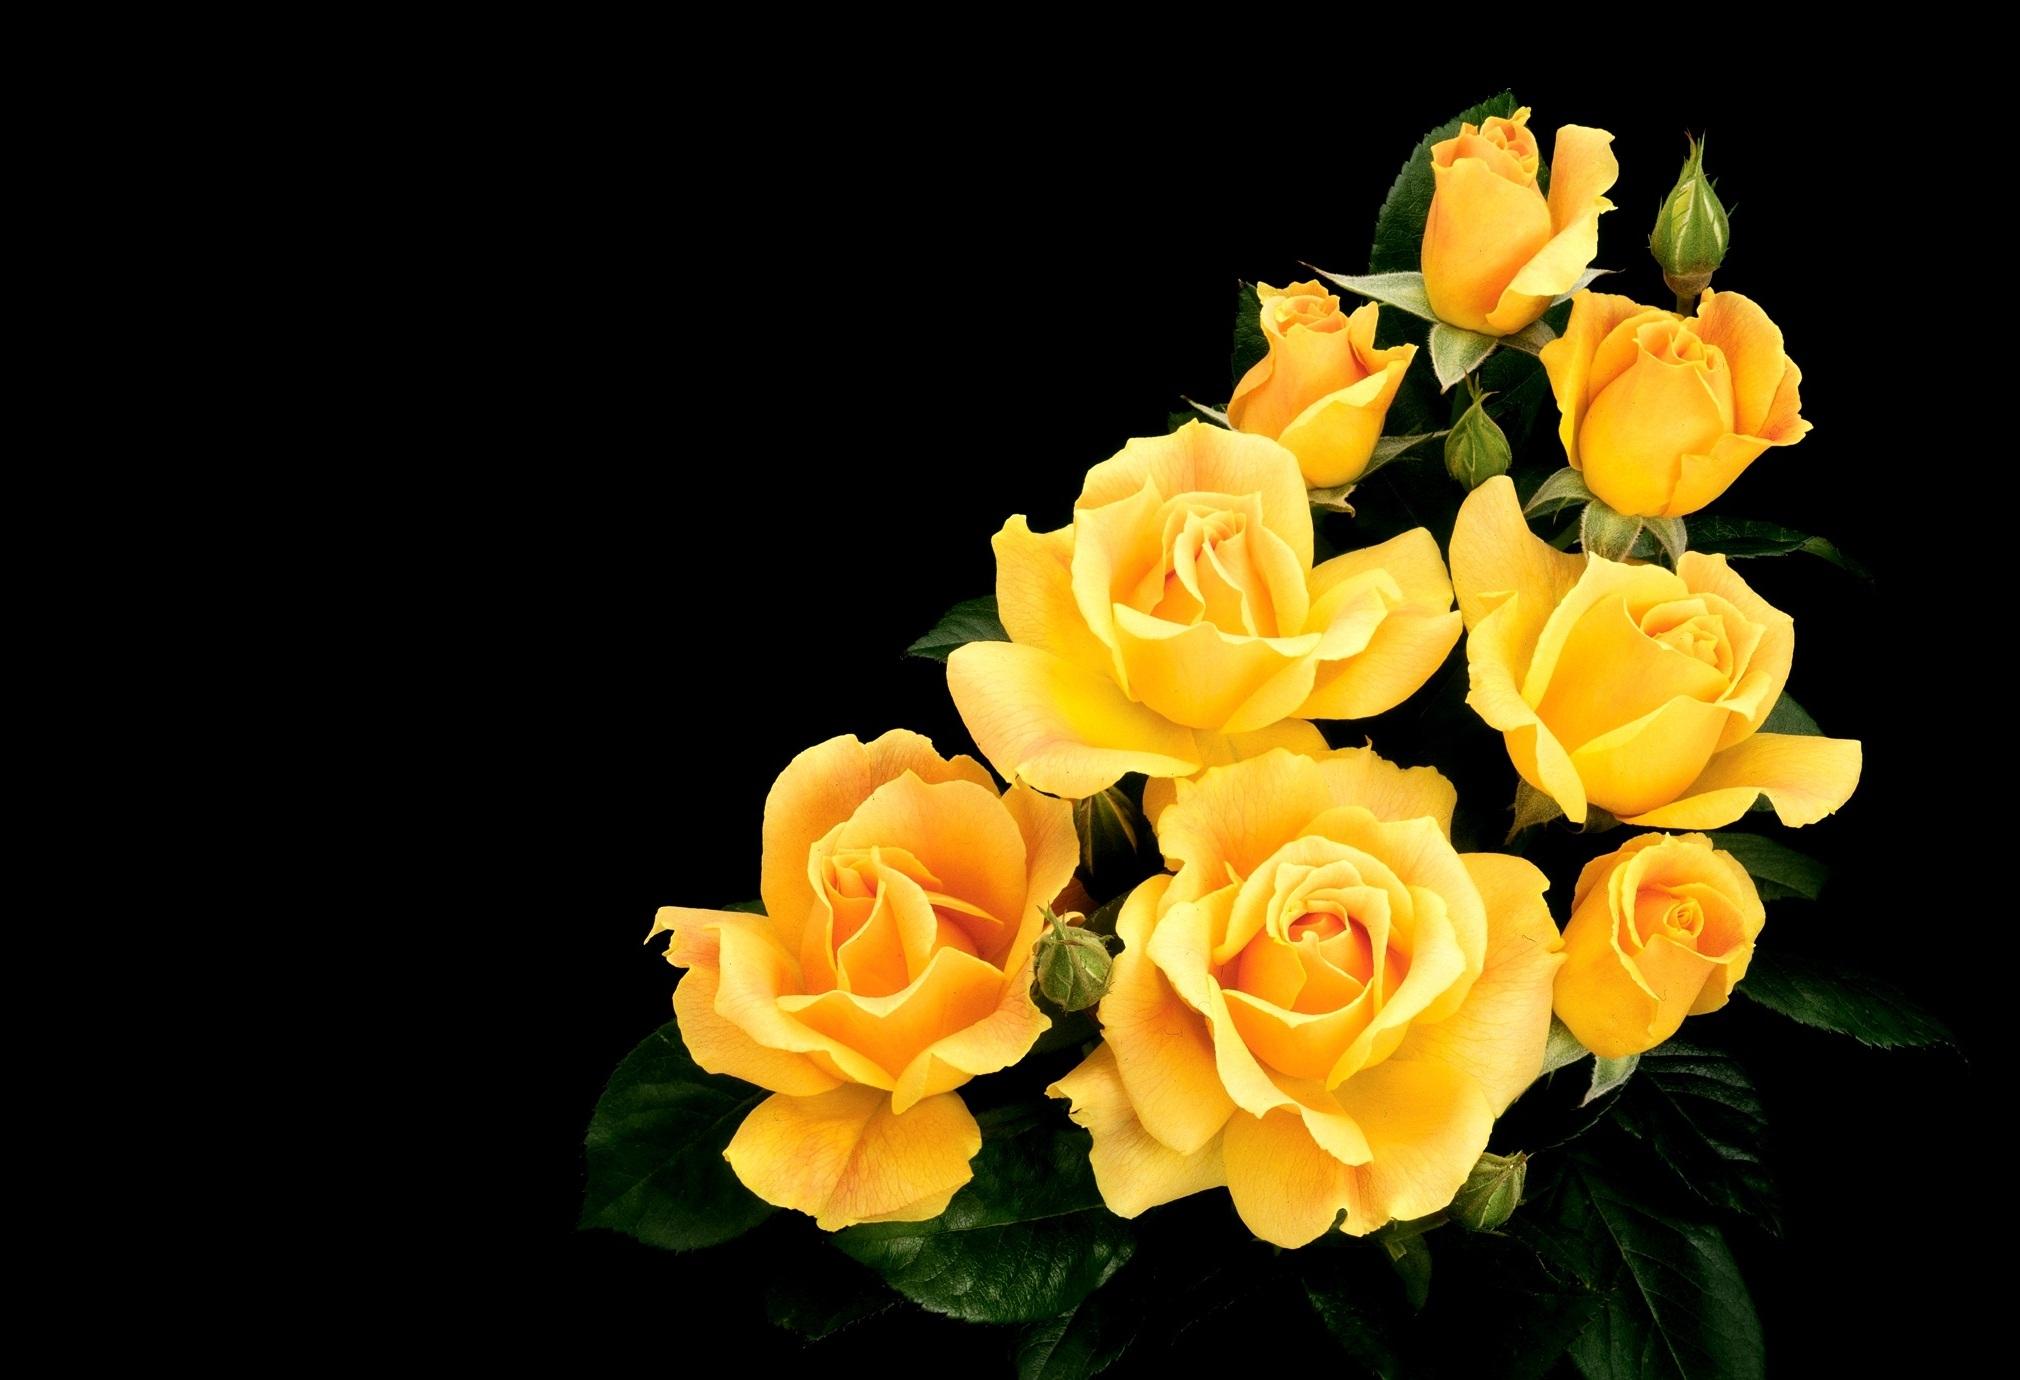 Годовщиной год, картинка желтые розы на телефон